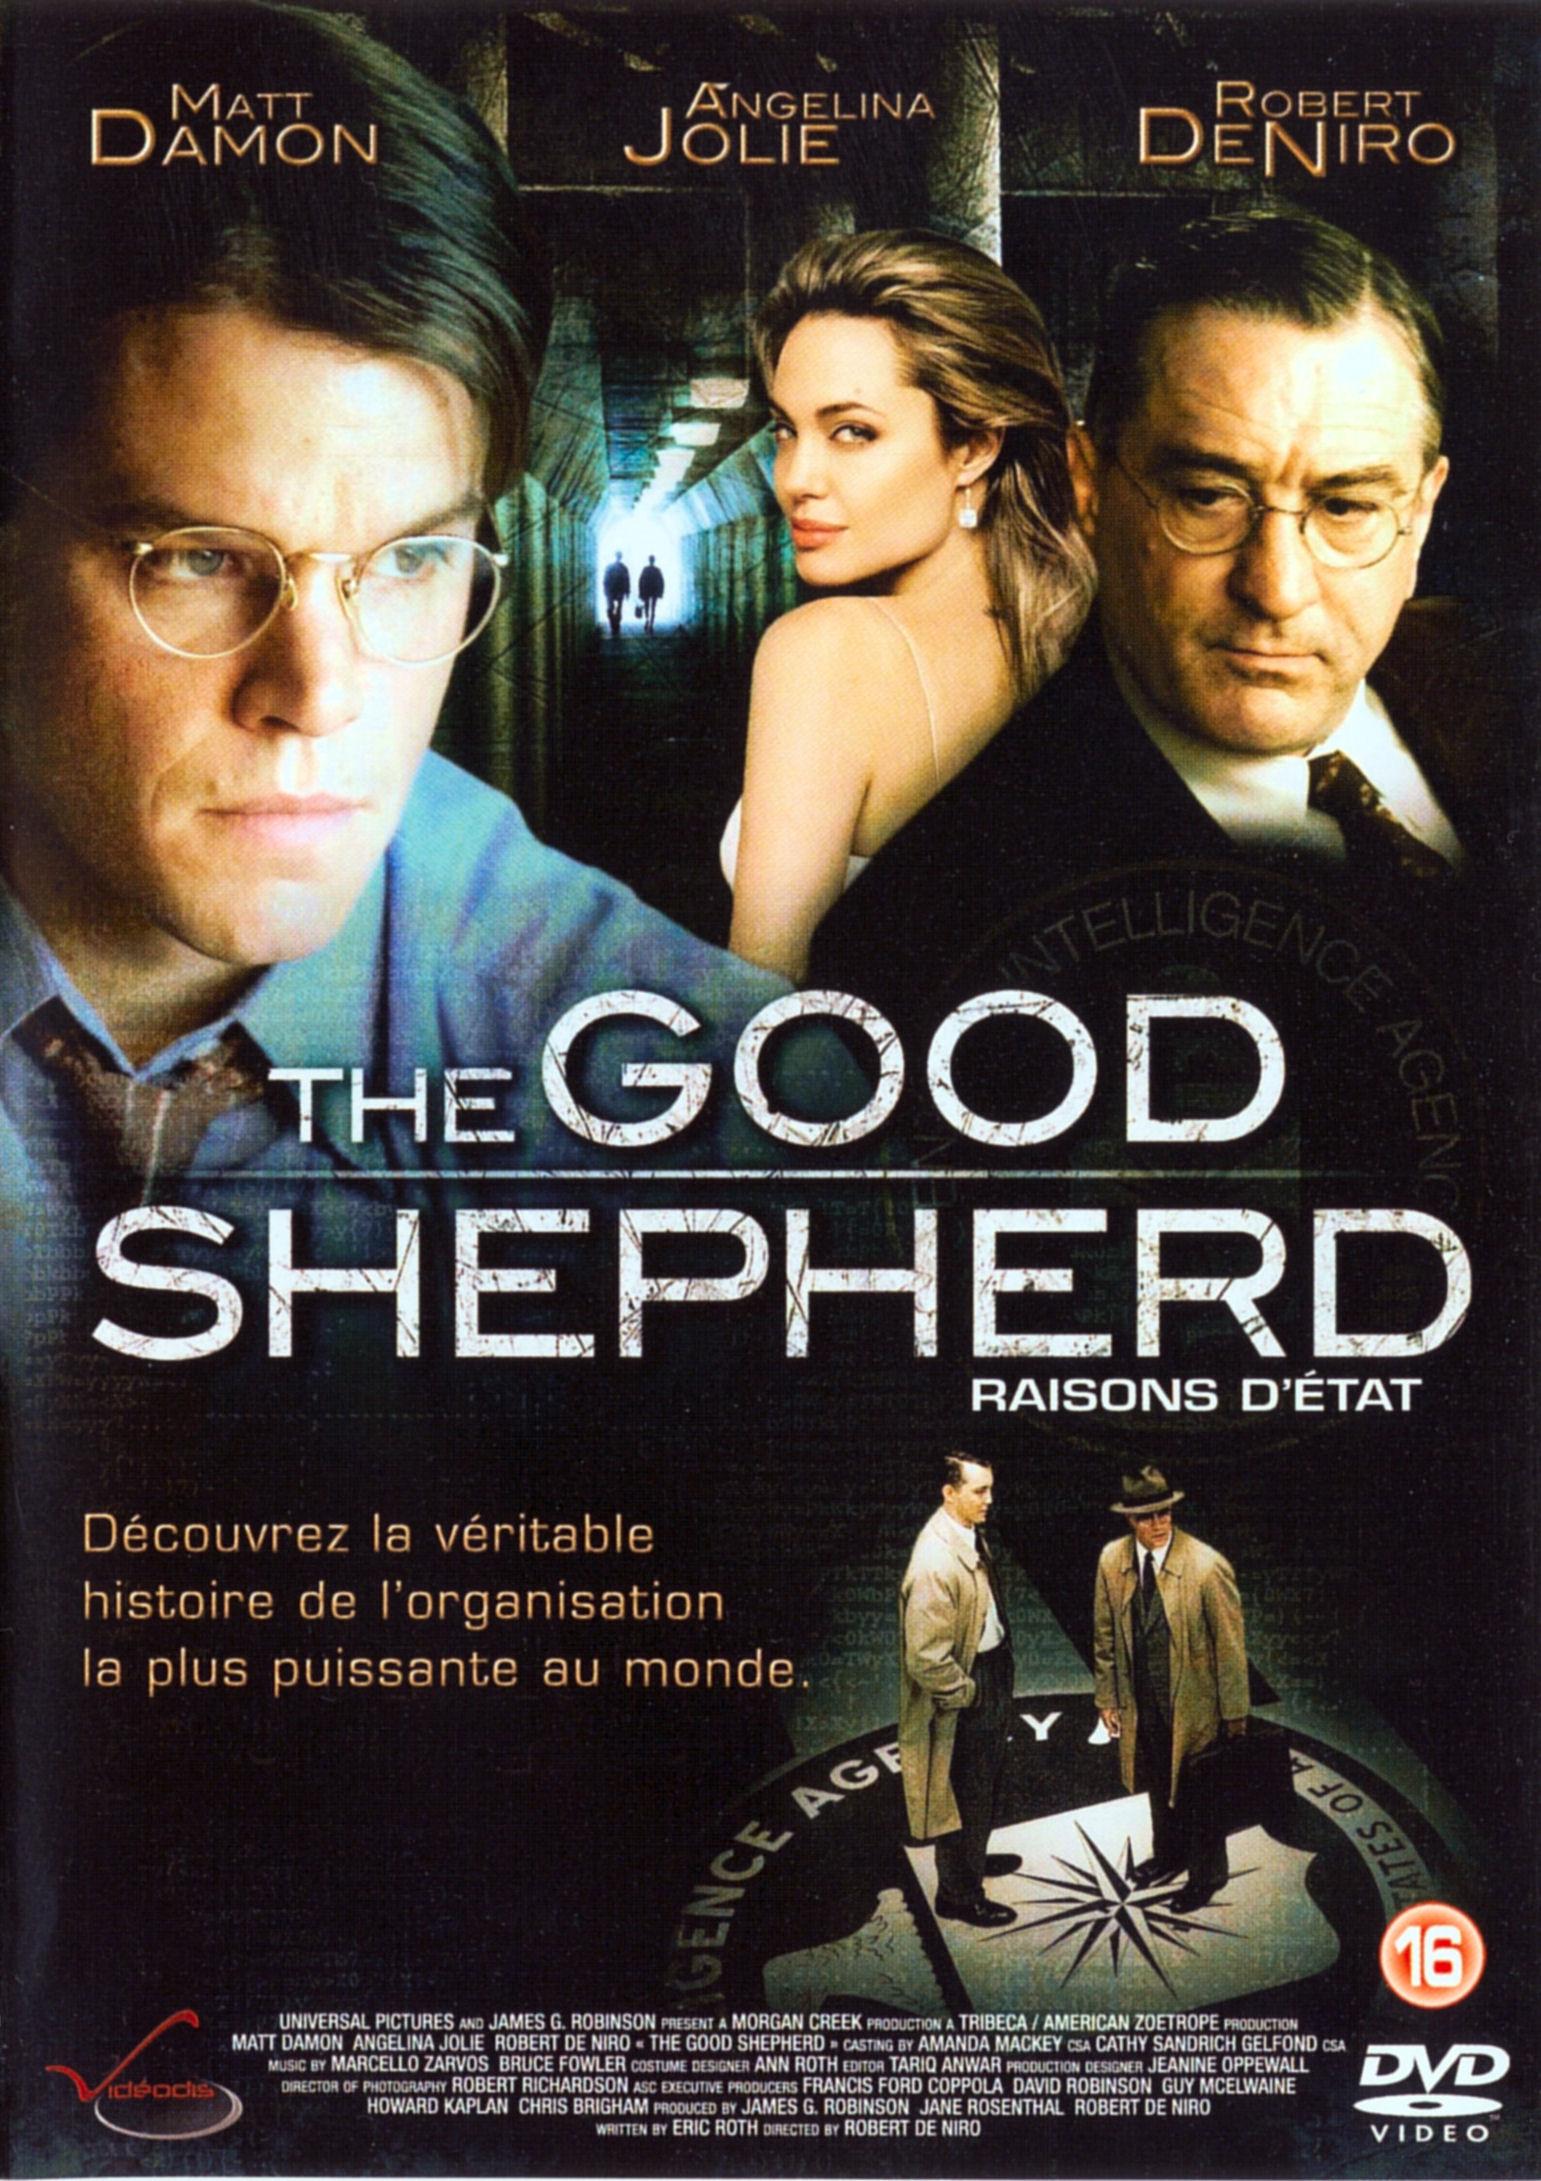 GOOD_SHEPHERD_01